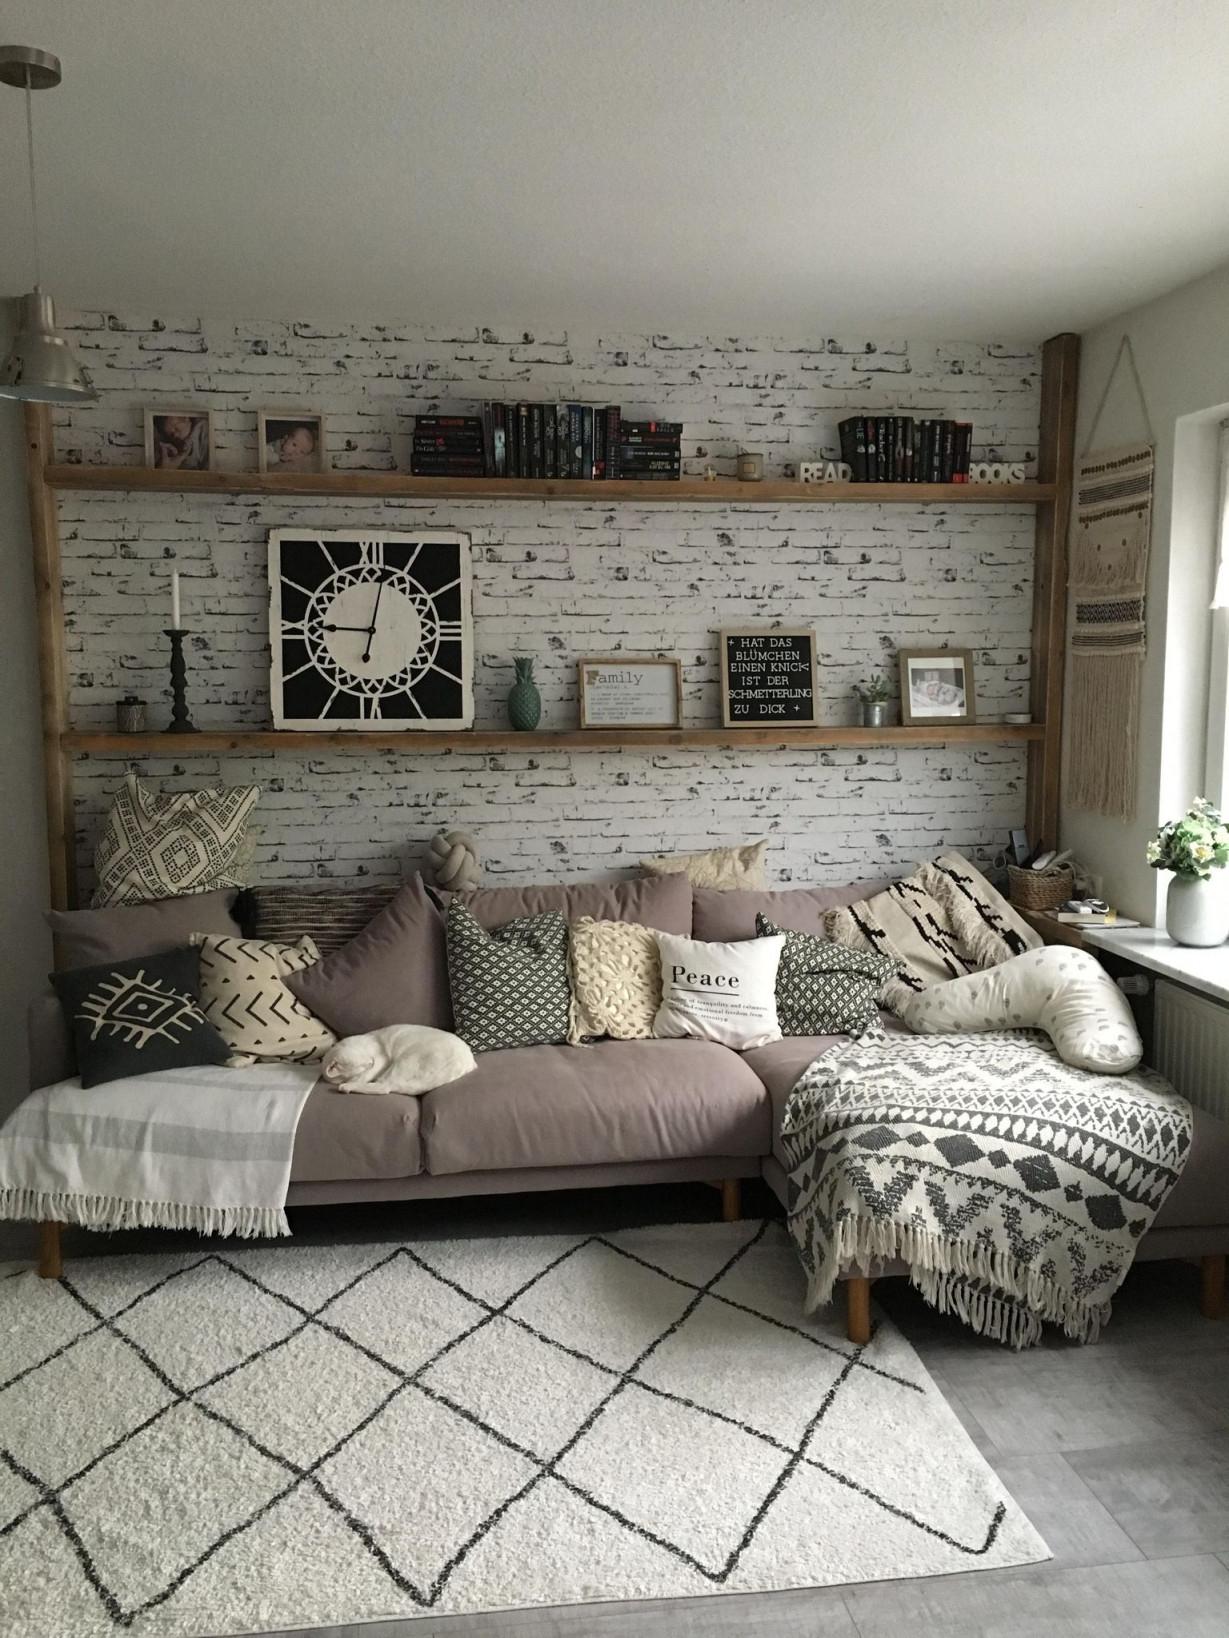 Wohnzimmer Hygge  Wandgestaltung Design Wohnzimmerwand von Wandgestaltung Wohnzimmer Bilder Photo